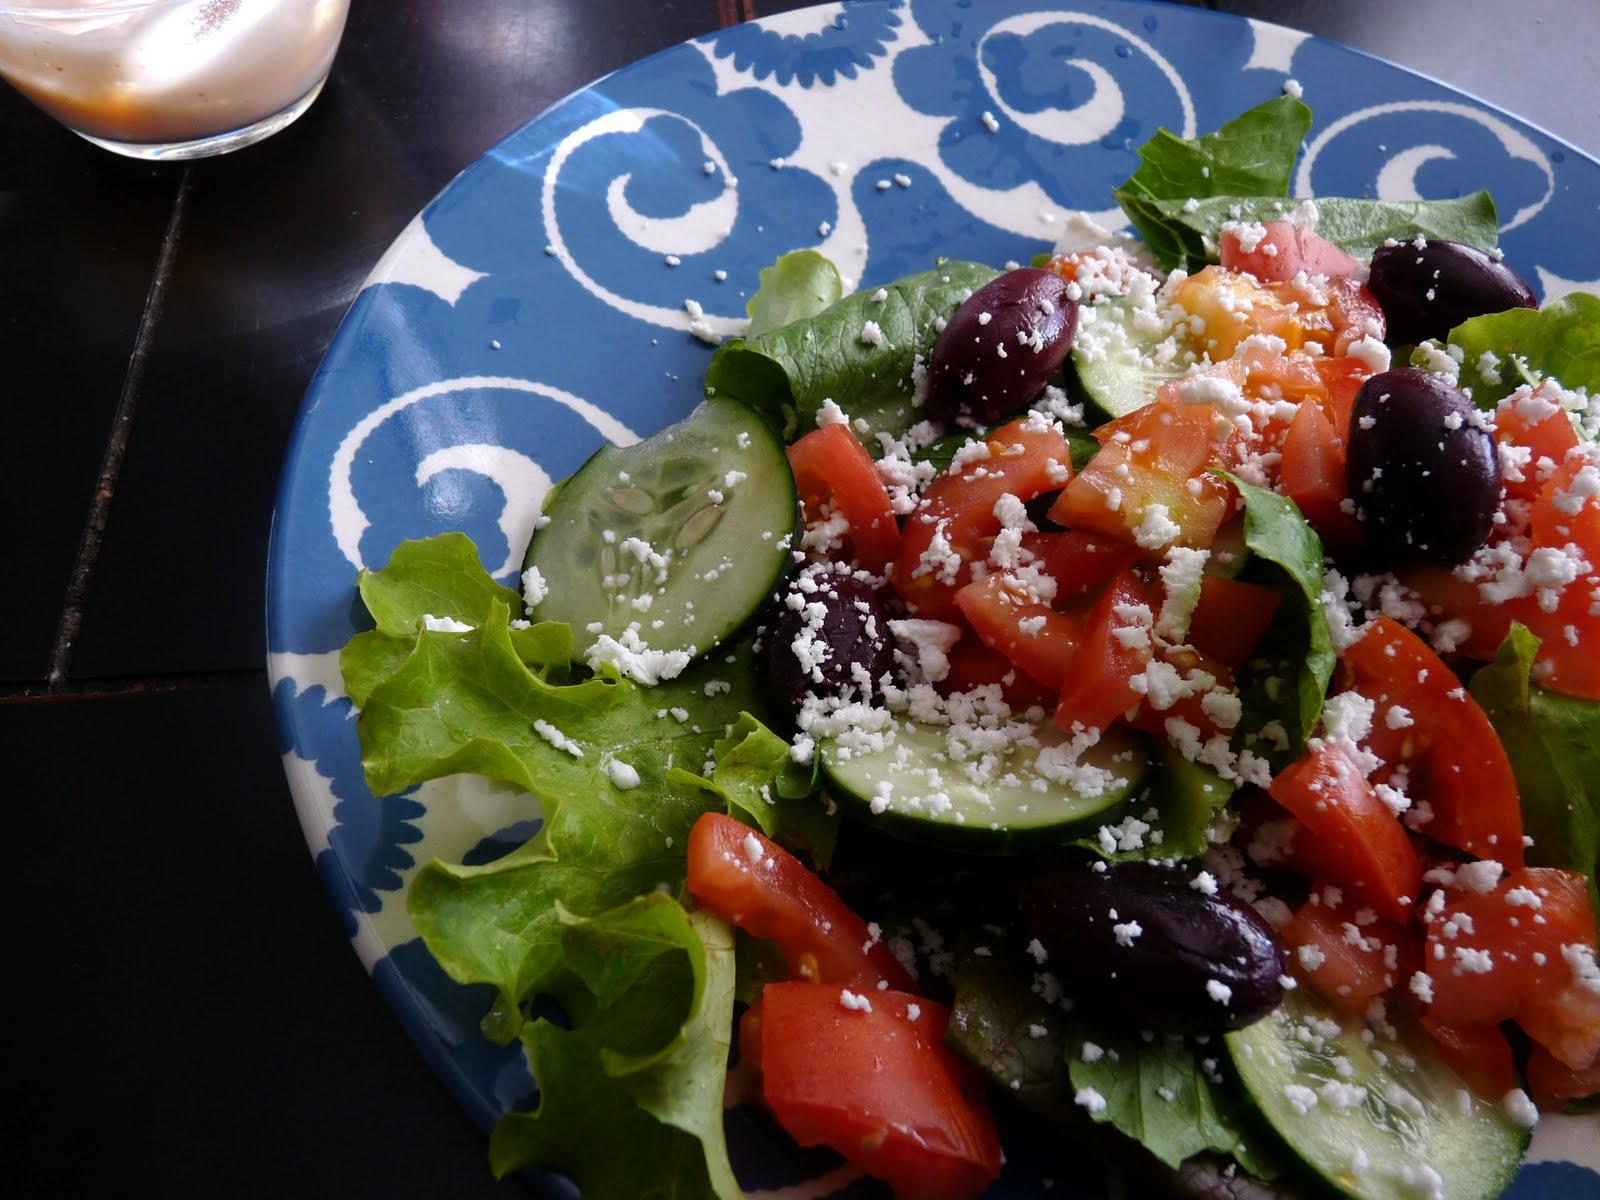 the med salad